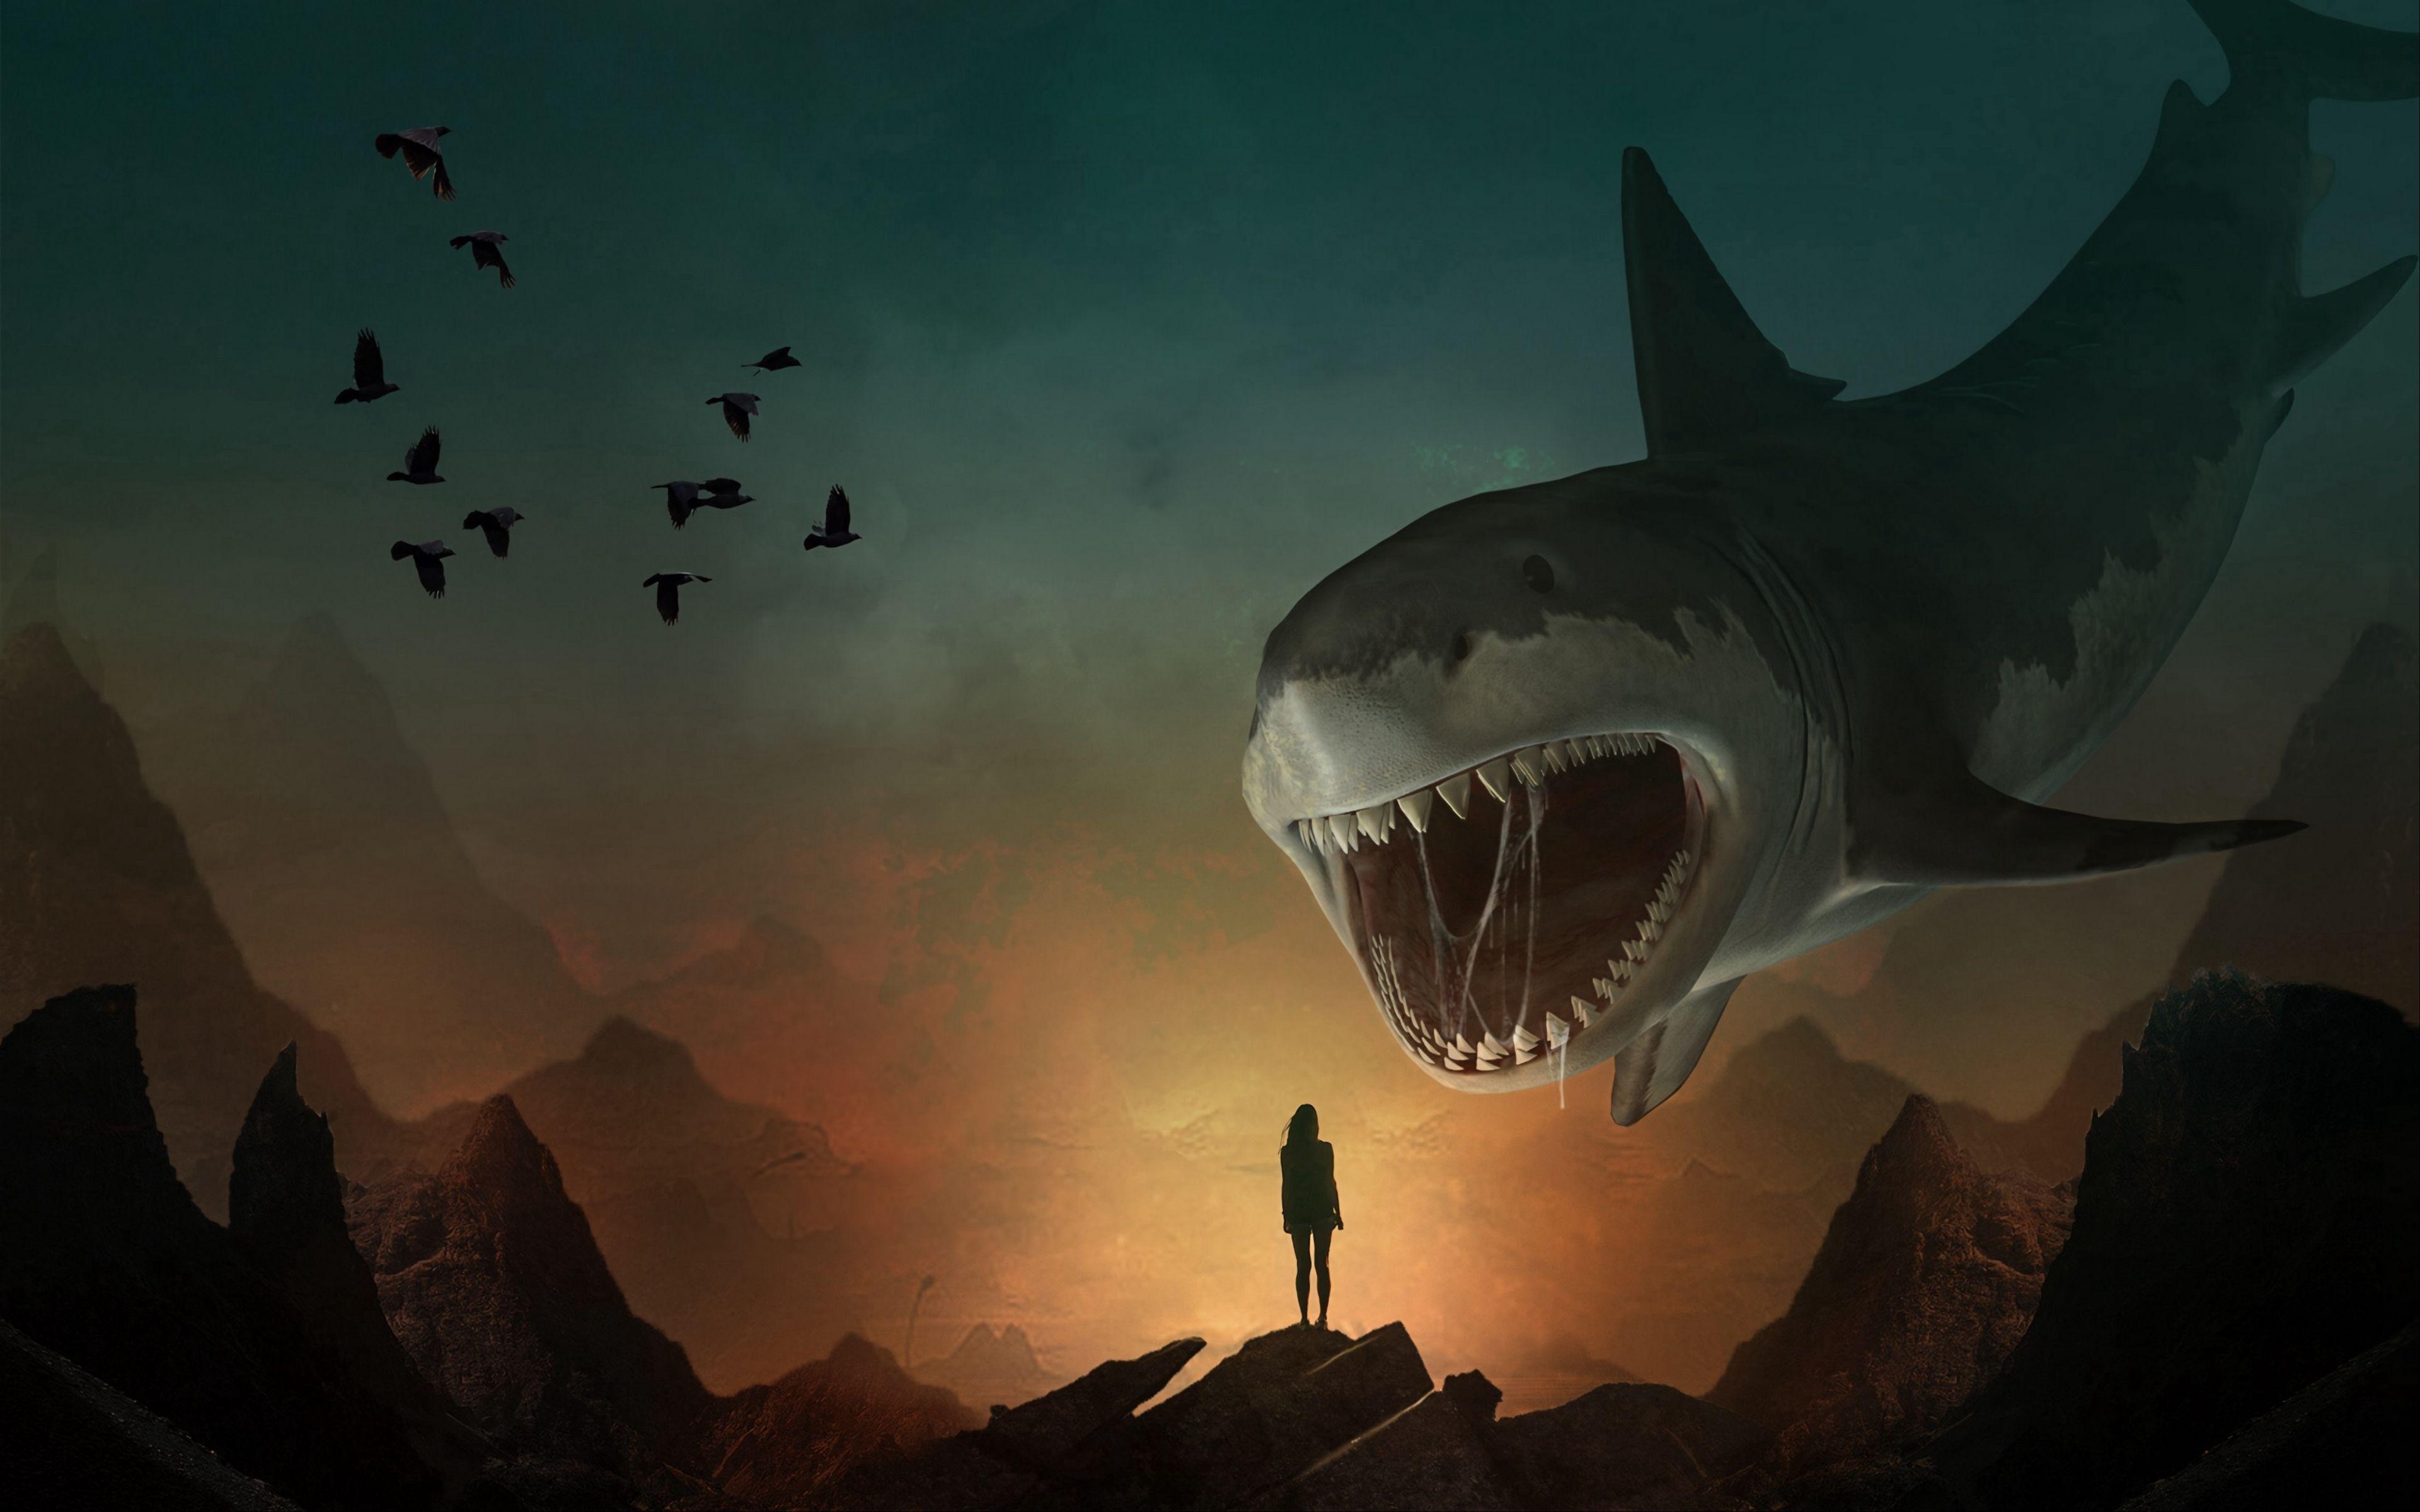 Shark Art Wallpapers   Top Shark Art Backgrounds 3840x2400